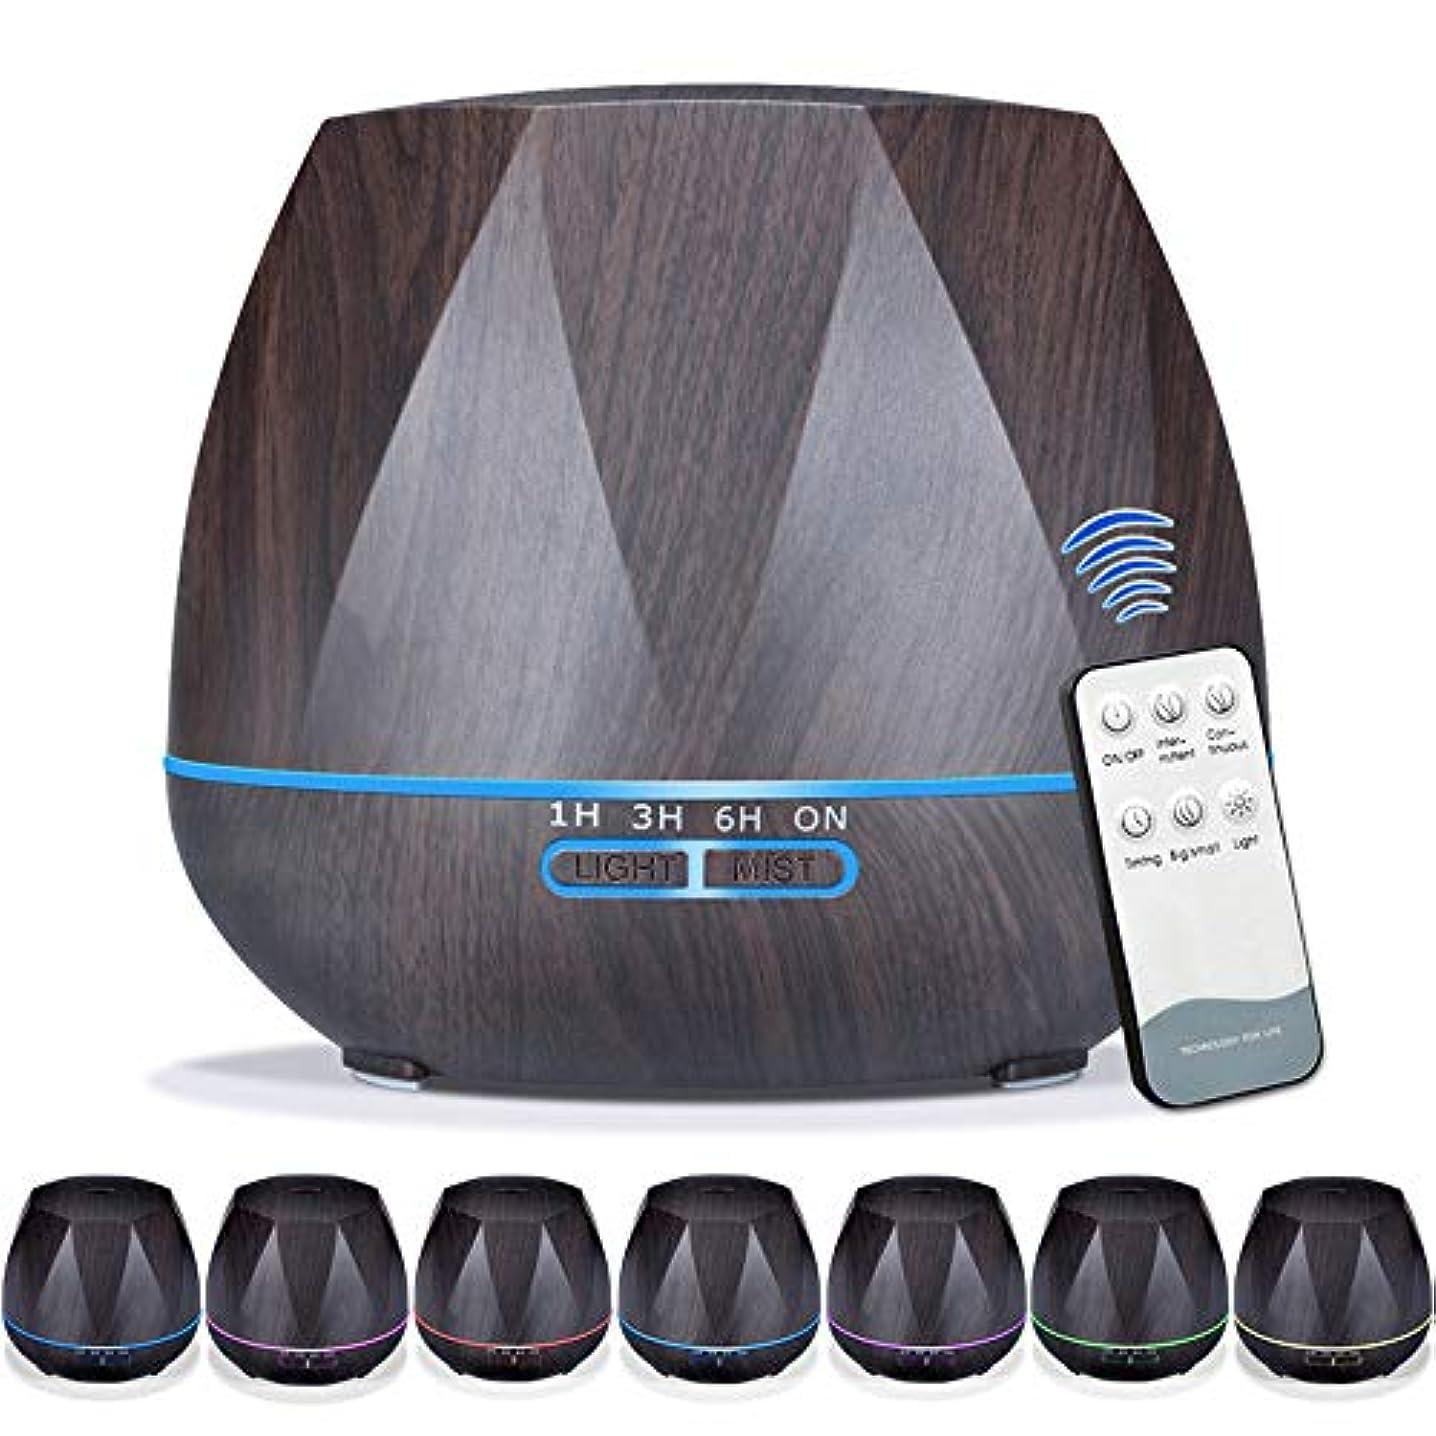 国際代理人会話550mlエッセンシャルオイルディフューザー5に1アロマセラピー超音波クールミスト加湿器ルーム空気香りホームオフィスギフト用,EUplug